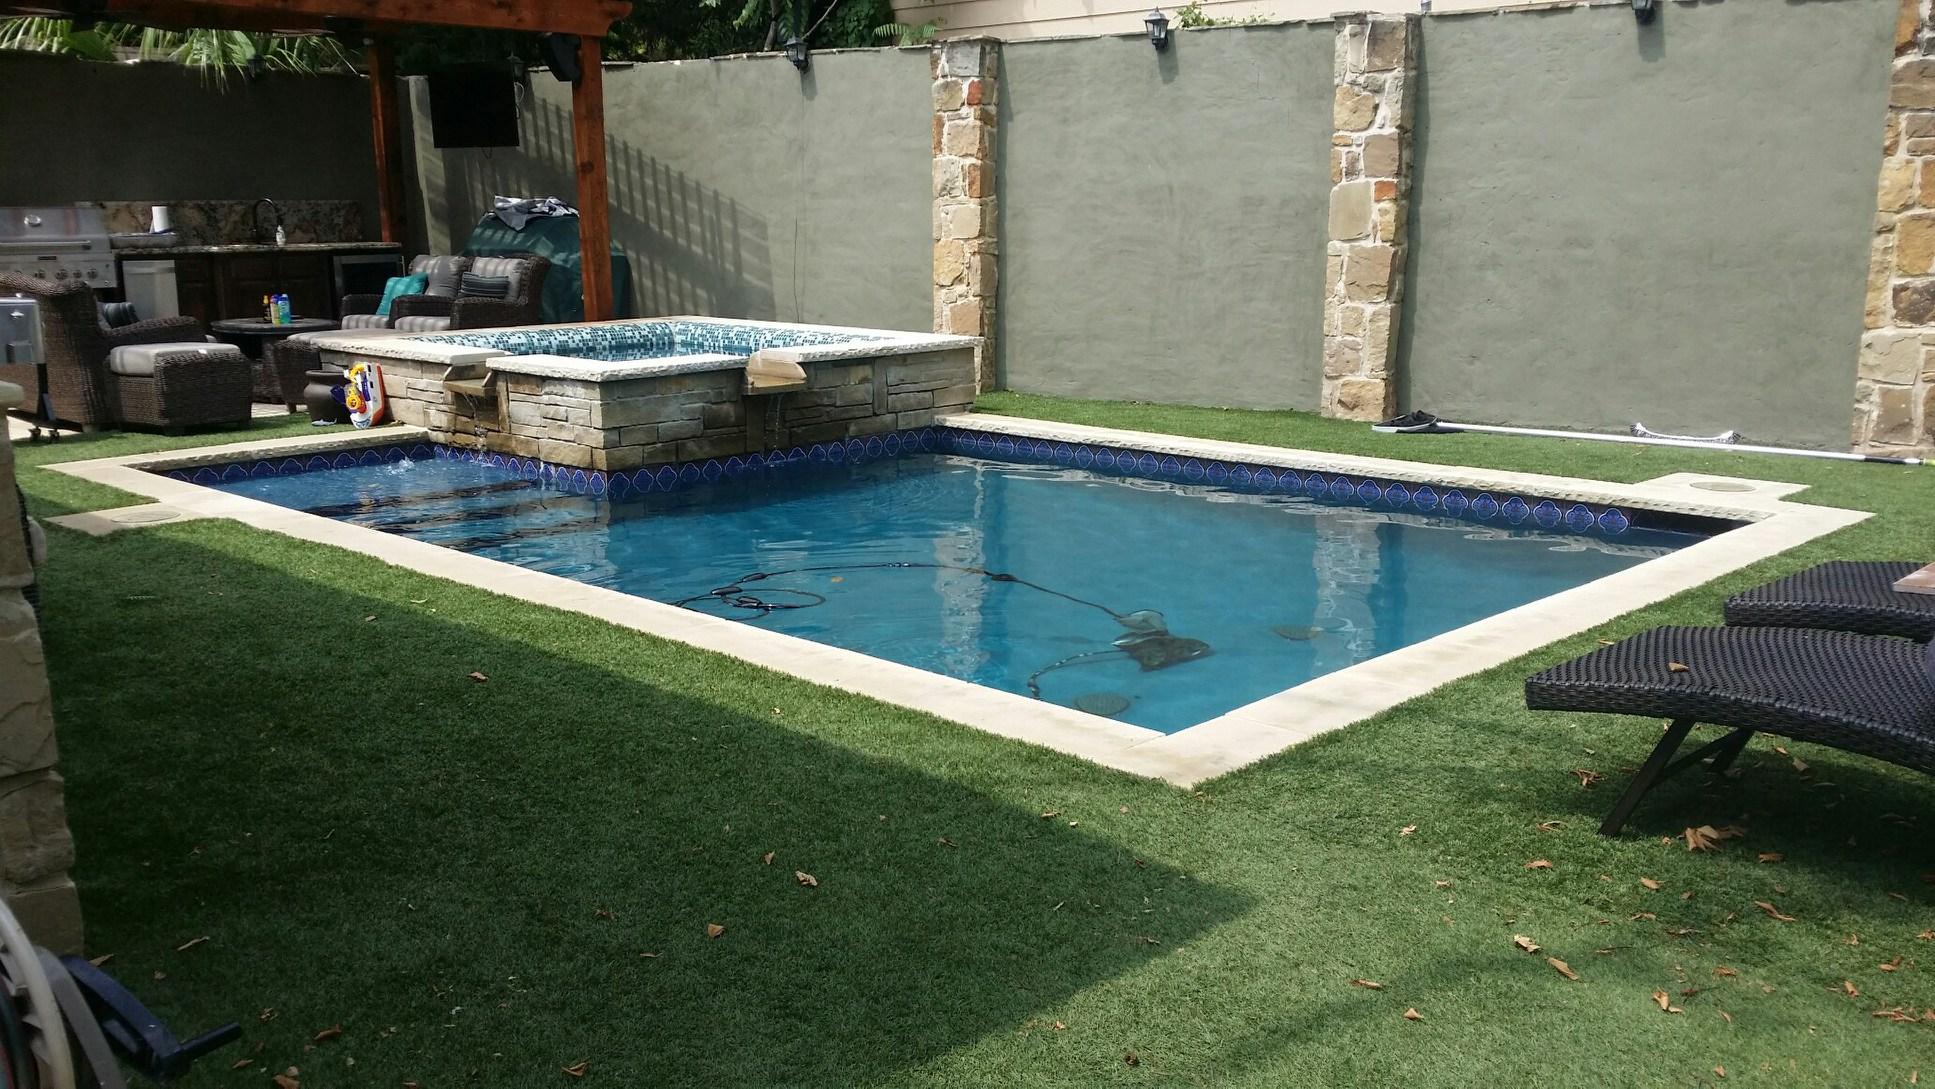 Pools Crown Pools Of Dallas